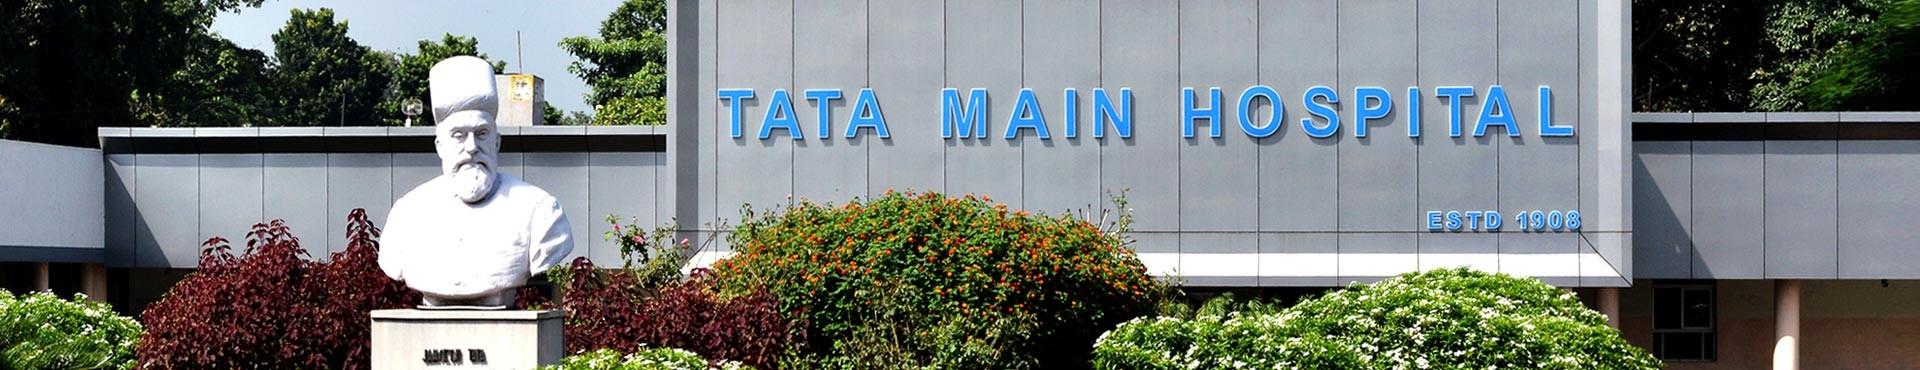 Tata Main Hospital